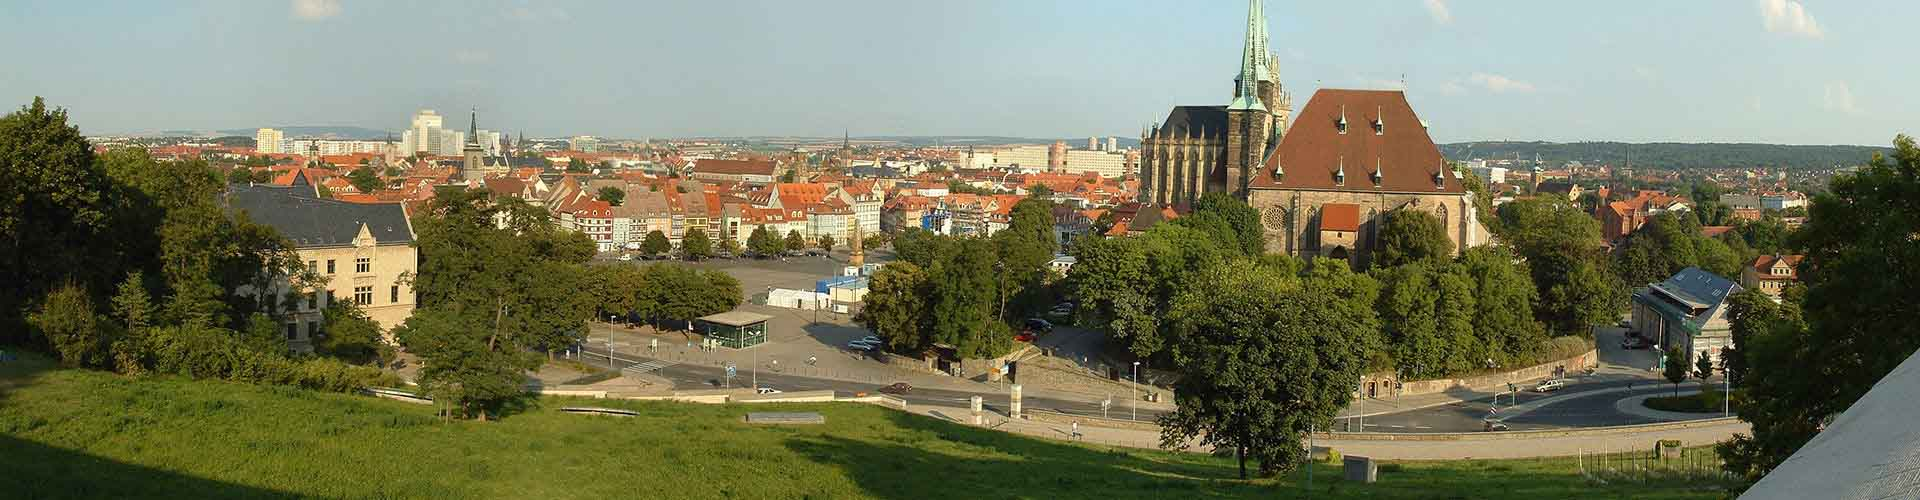 Erfurt – Albergues em Erfurt. Mapas para Erfurt, Fotos e Avaliações para cada Albergue em Erfurt.